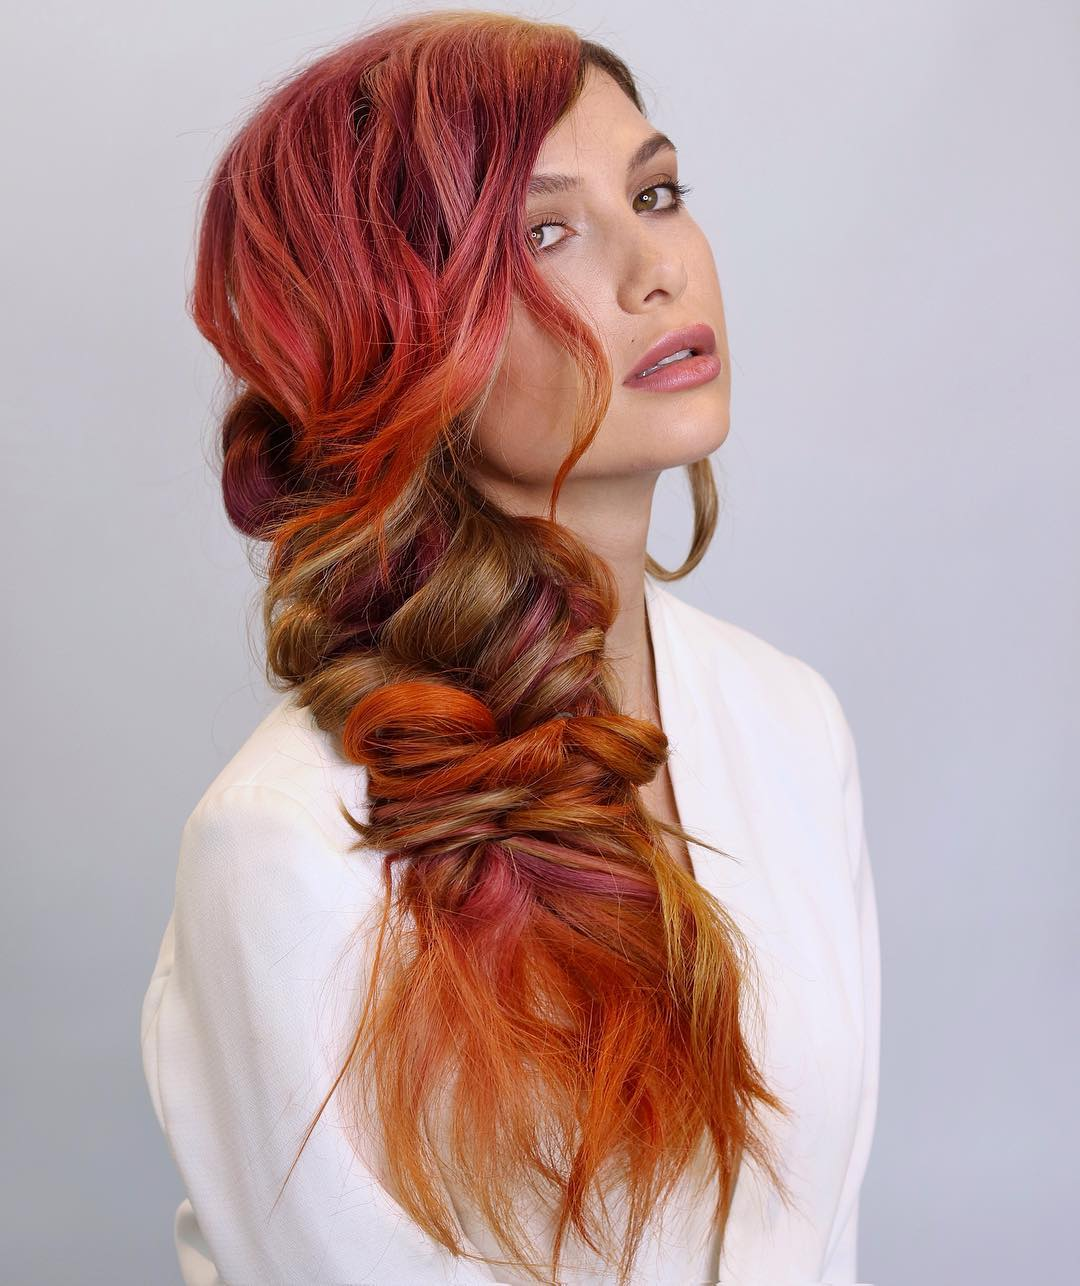 длинные волосы с косой челкой фото 4